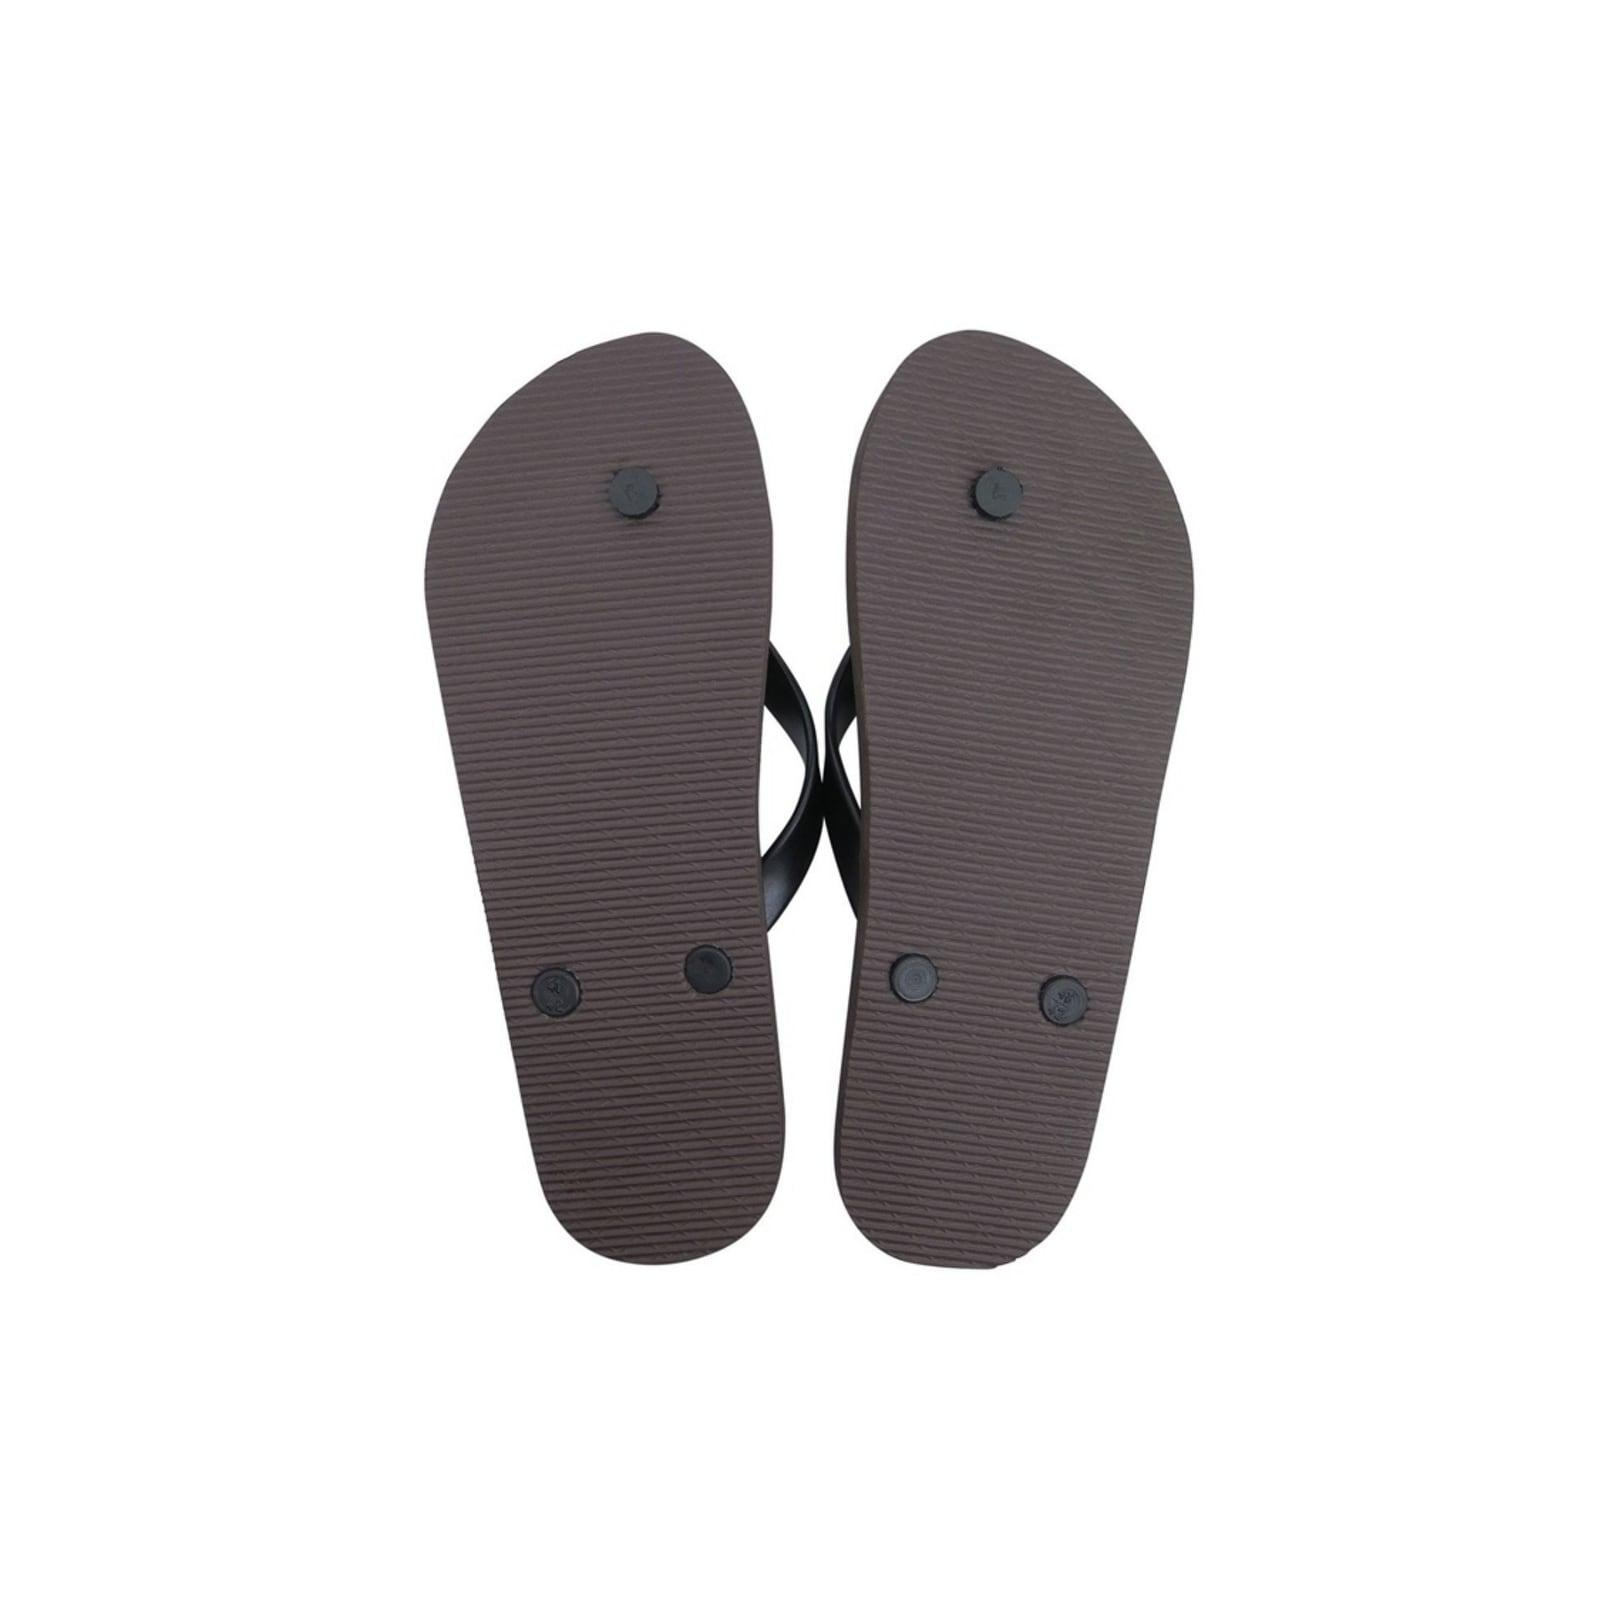 3ad122ece9f Shop Men s Flip Flop Sandals -The Flash Size S